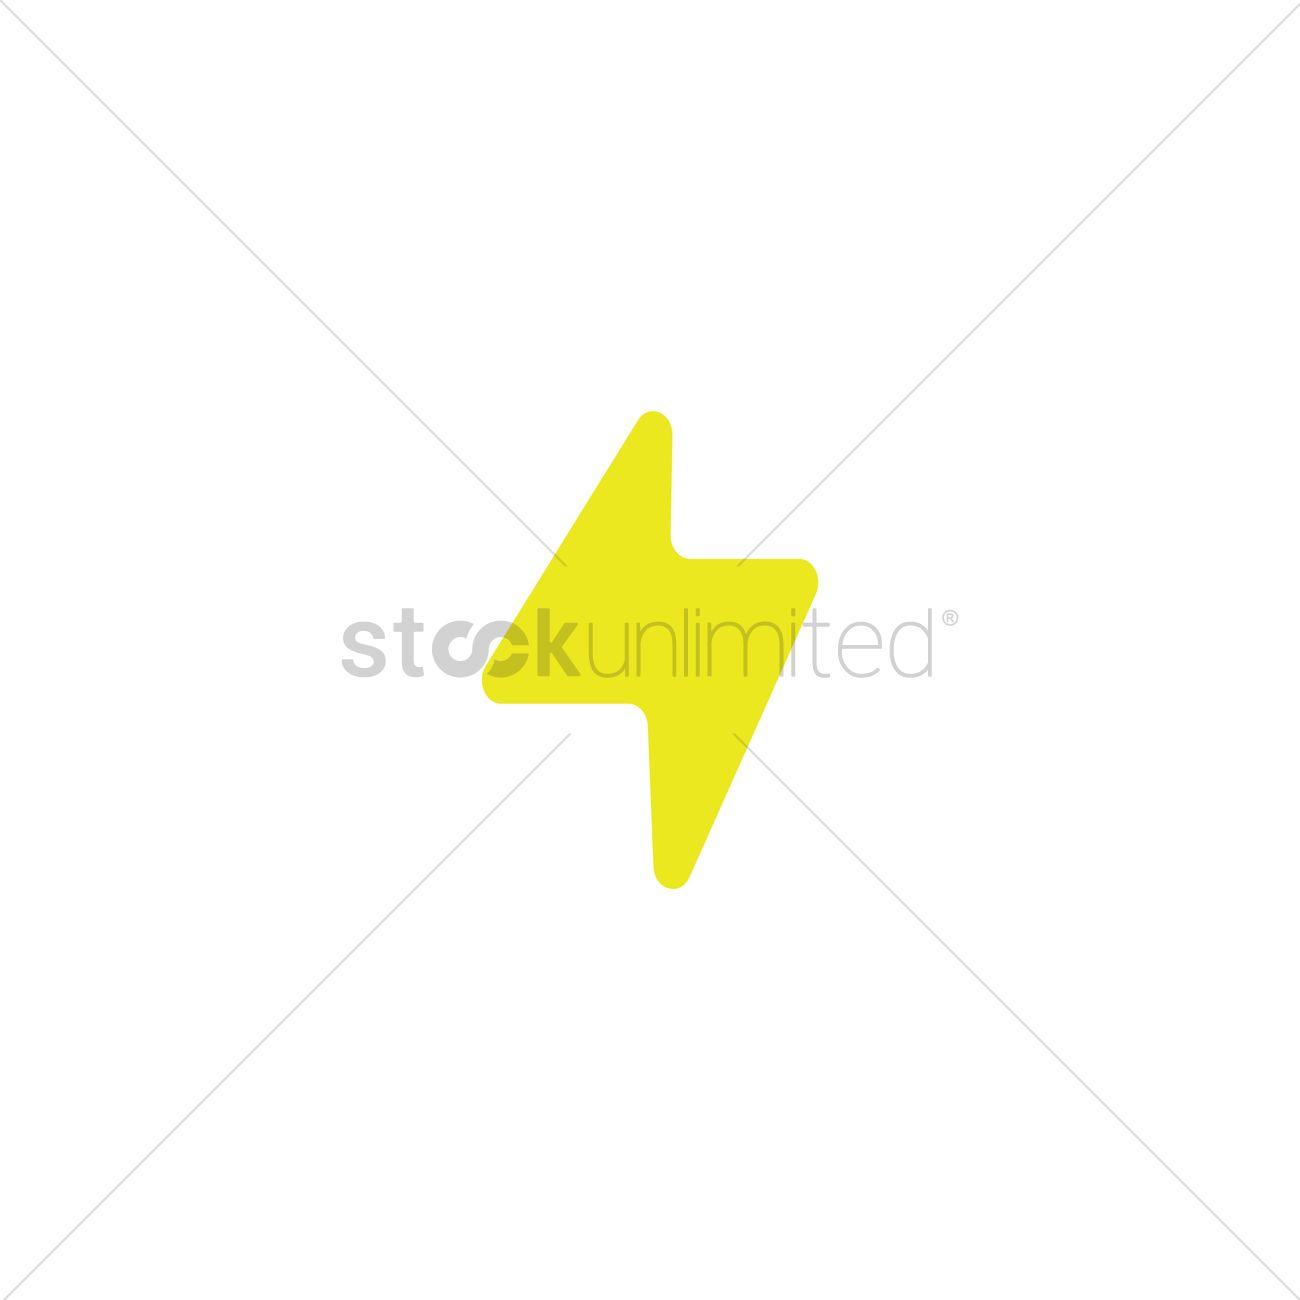 High voltage symbol vector image 2031124 stockunlimited high voltage symbol vector graphic buycottarizona